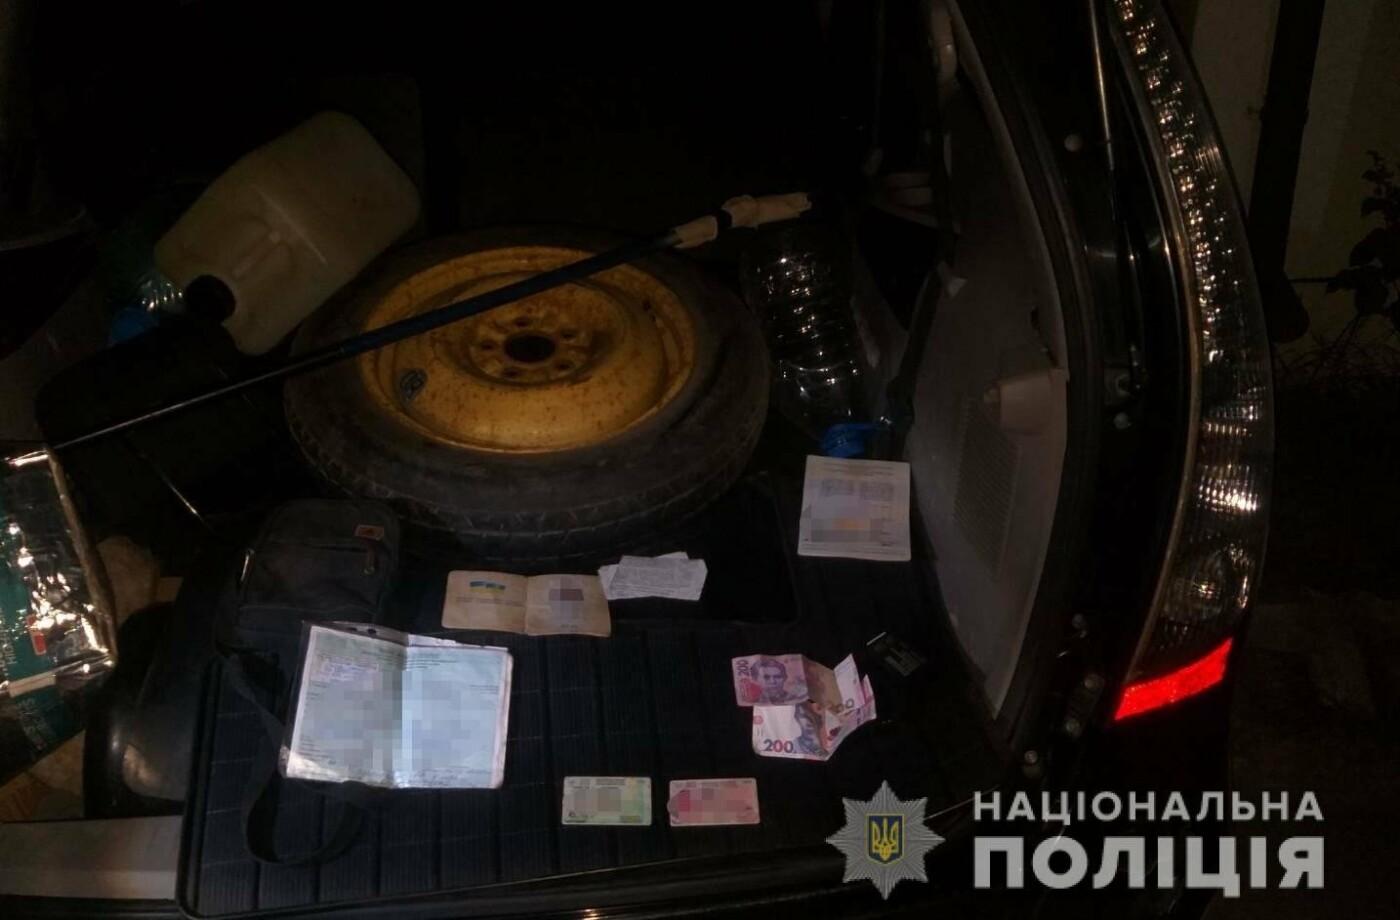 Четверо нападників побили жителя м. Берегово, пограбували й пошкодили його автівку (ФОТО), фото-1